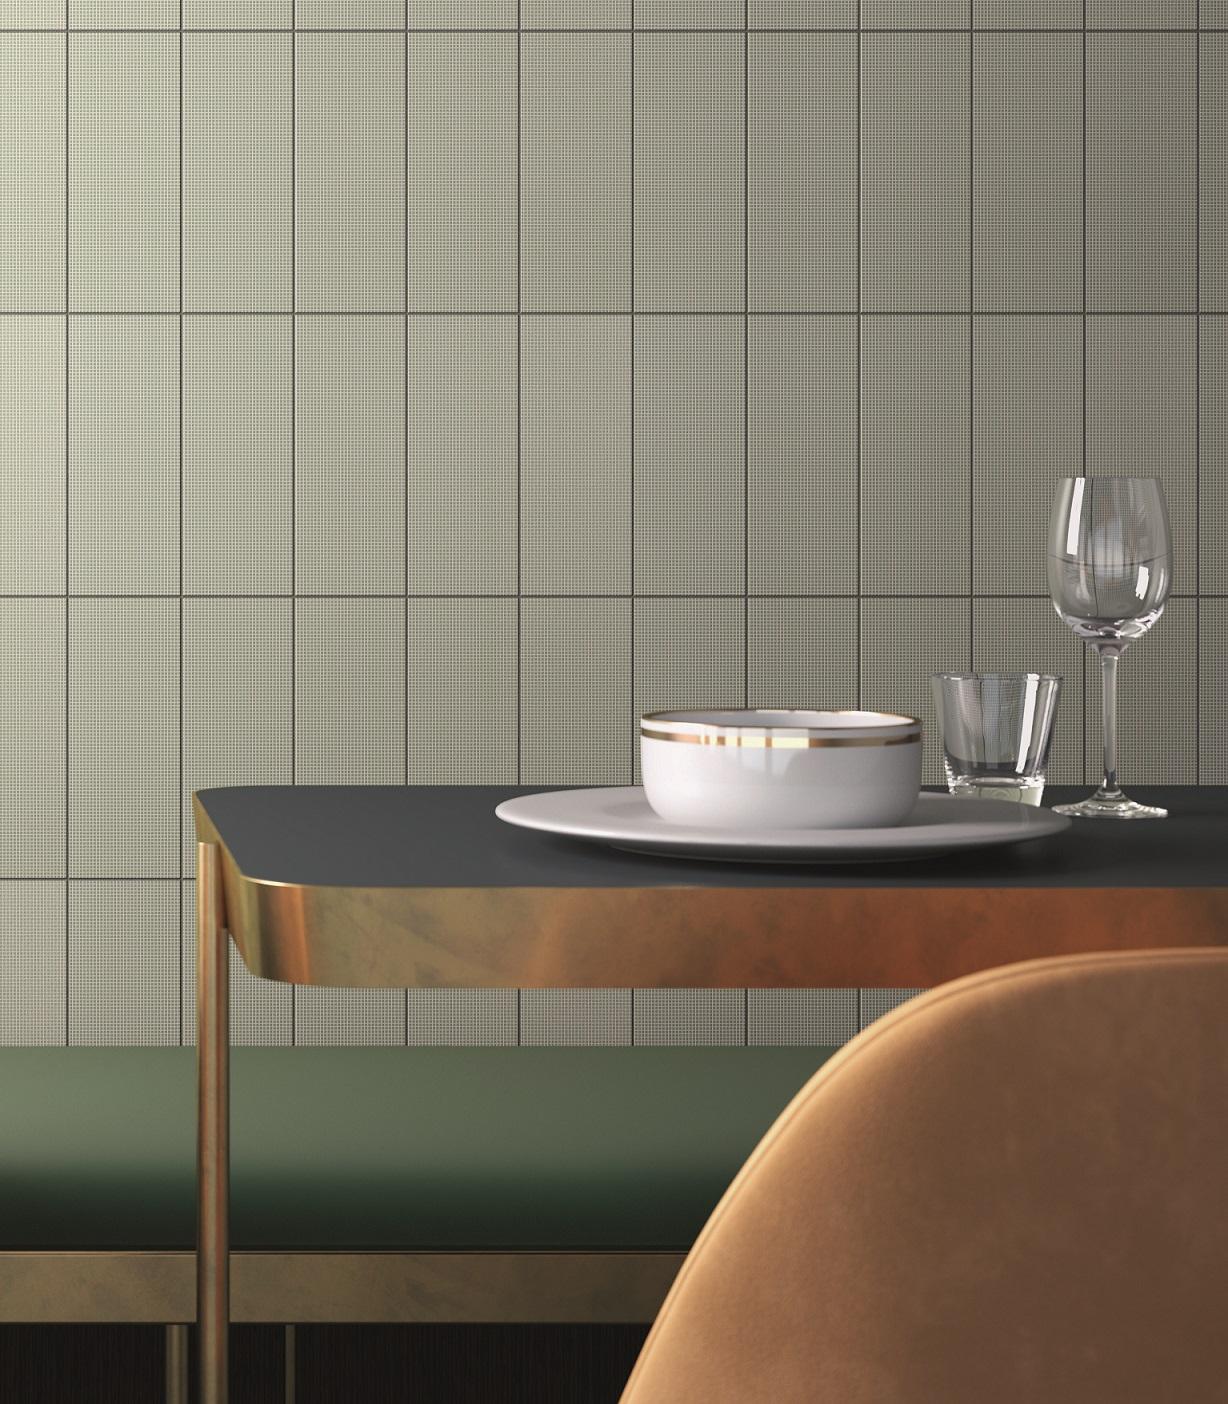 graph_ristorante_part_02